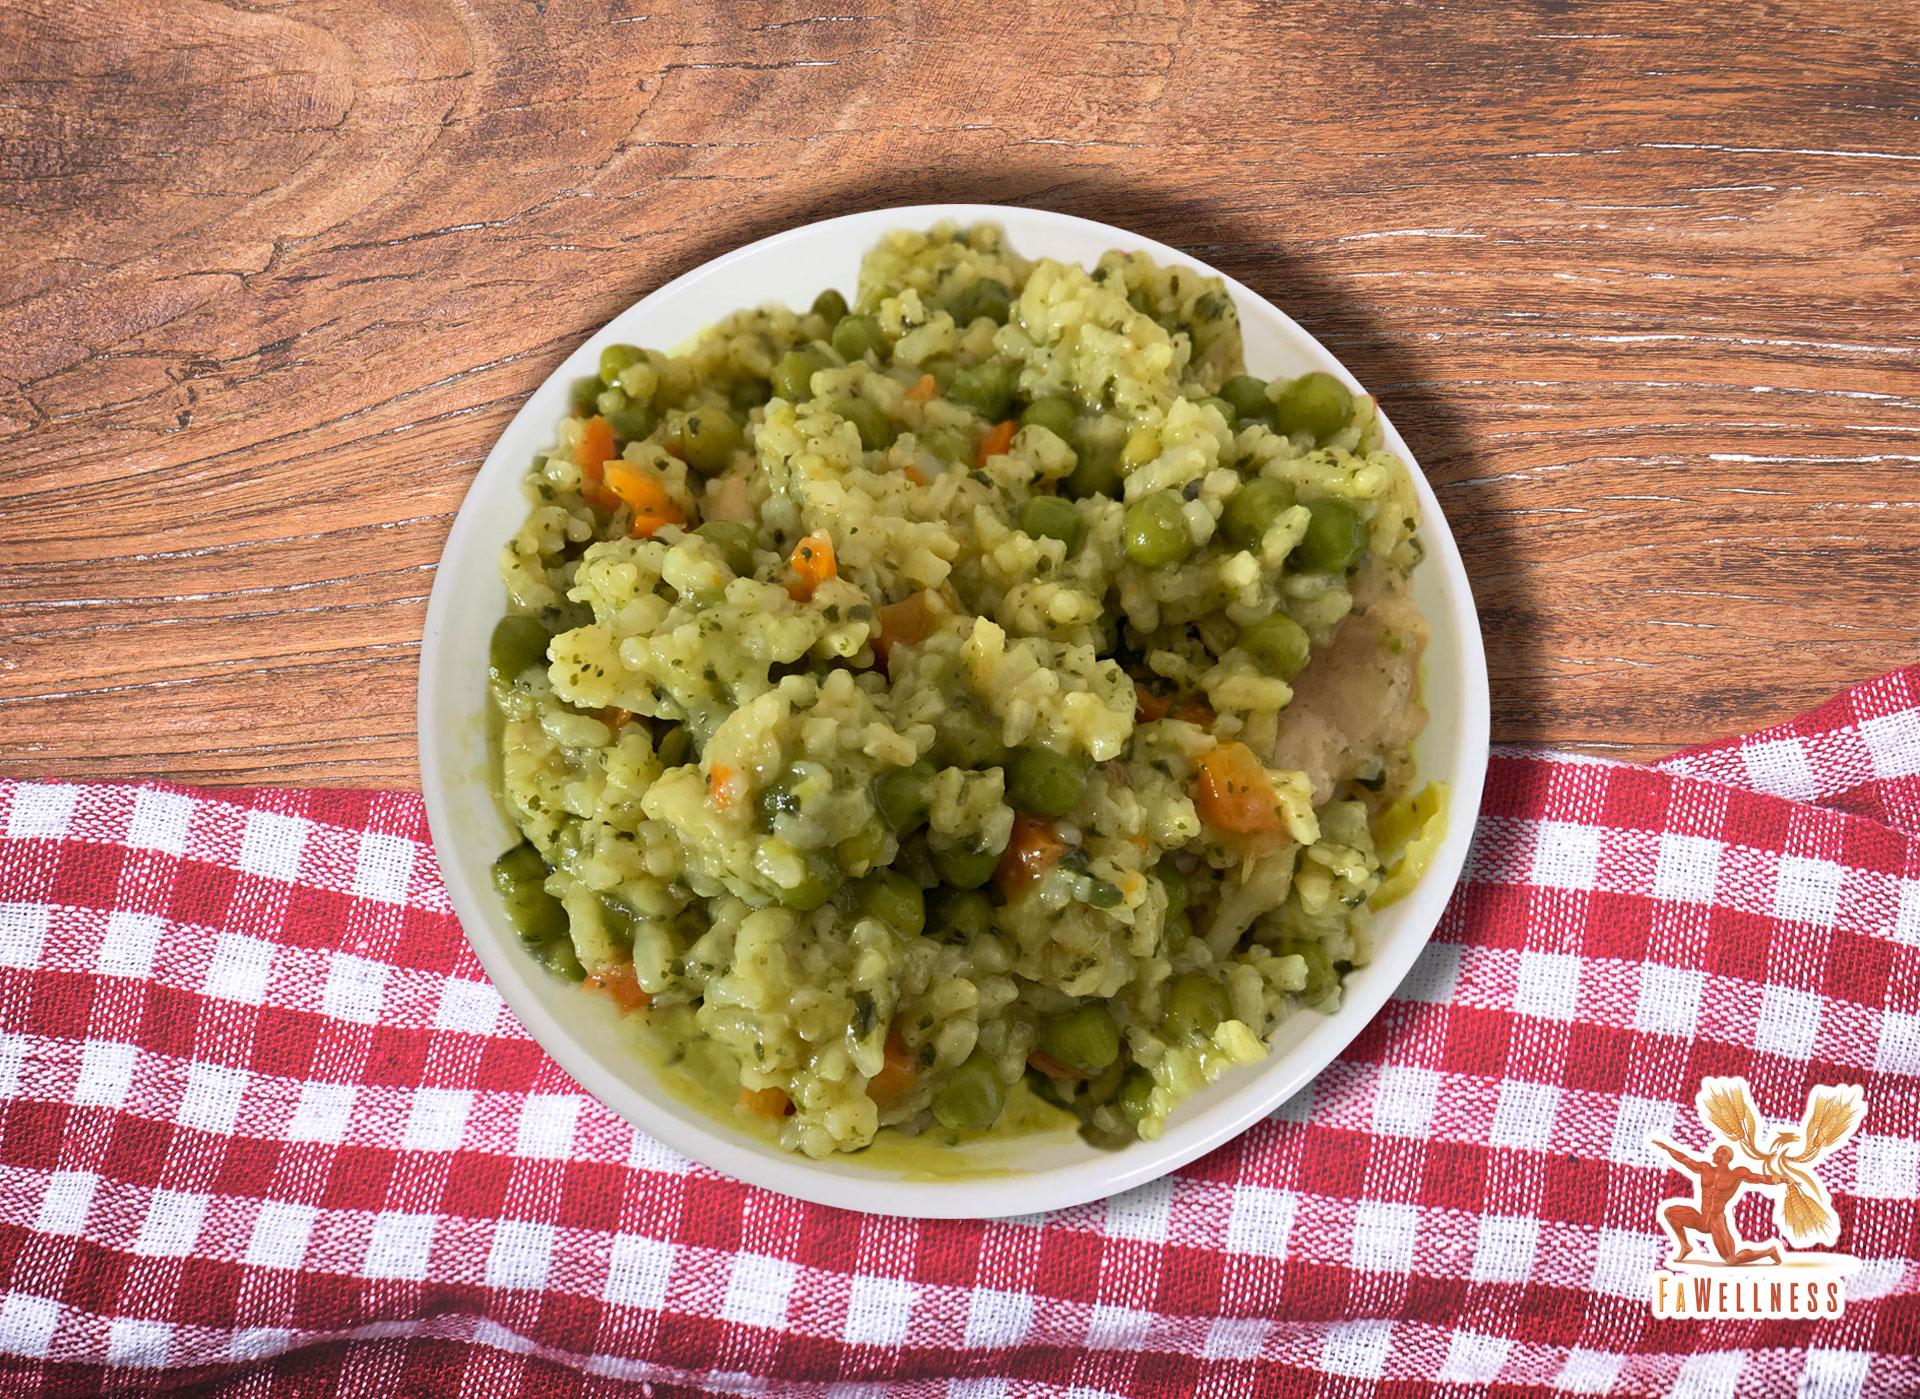 imagen blog FaWellness   Hoy nuestra nutricionista ha preparado un arroz cremoso con verduras y pollo, saludable y delicioso.